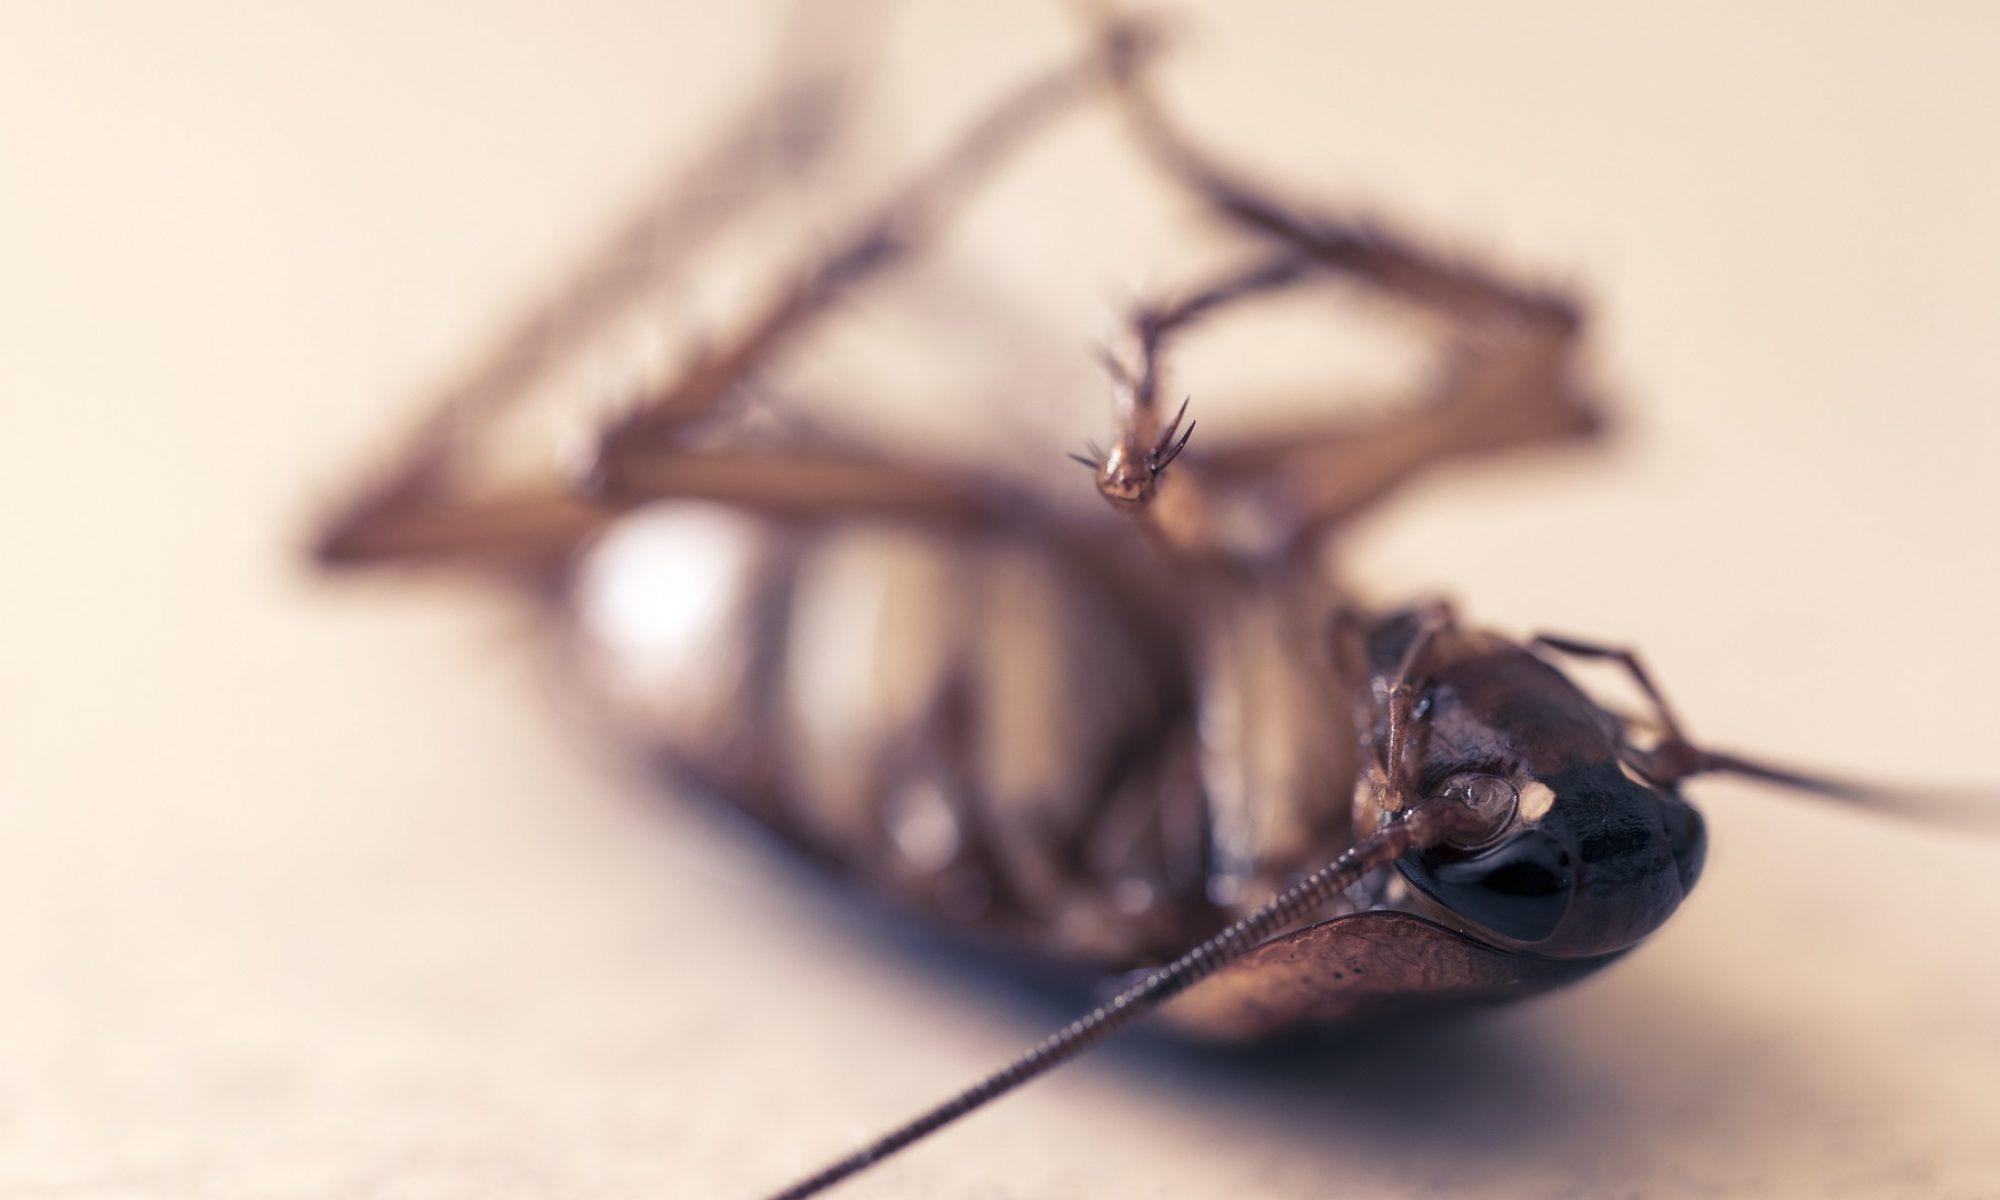 Rák lépfene rovar